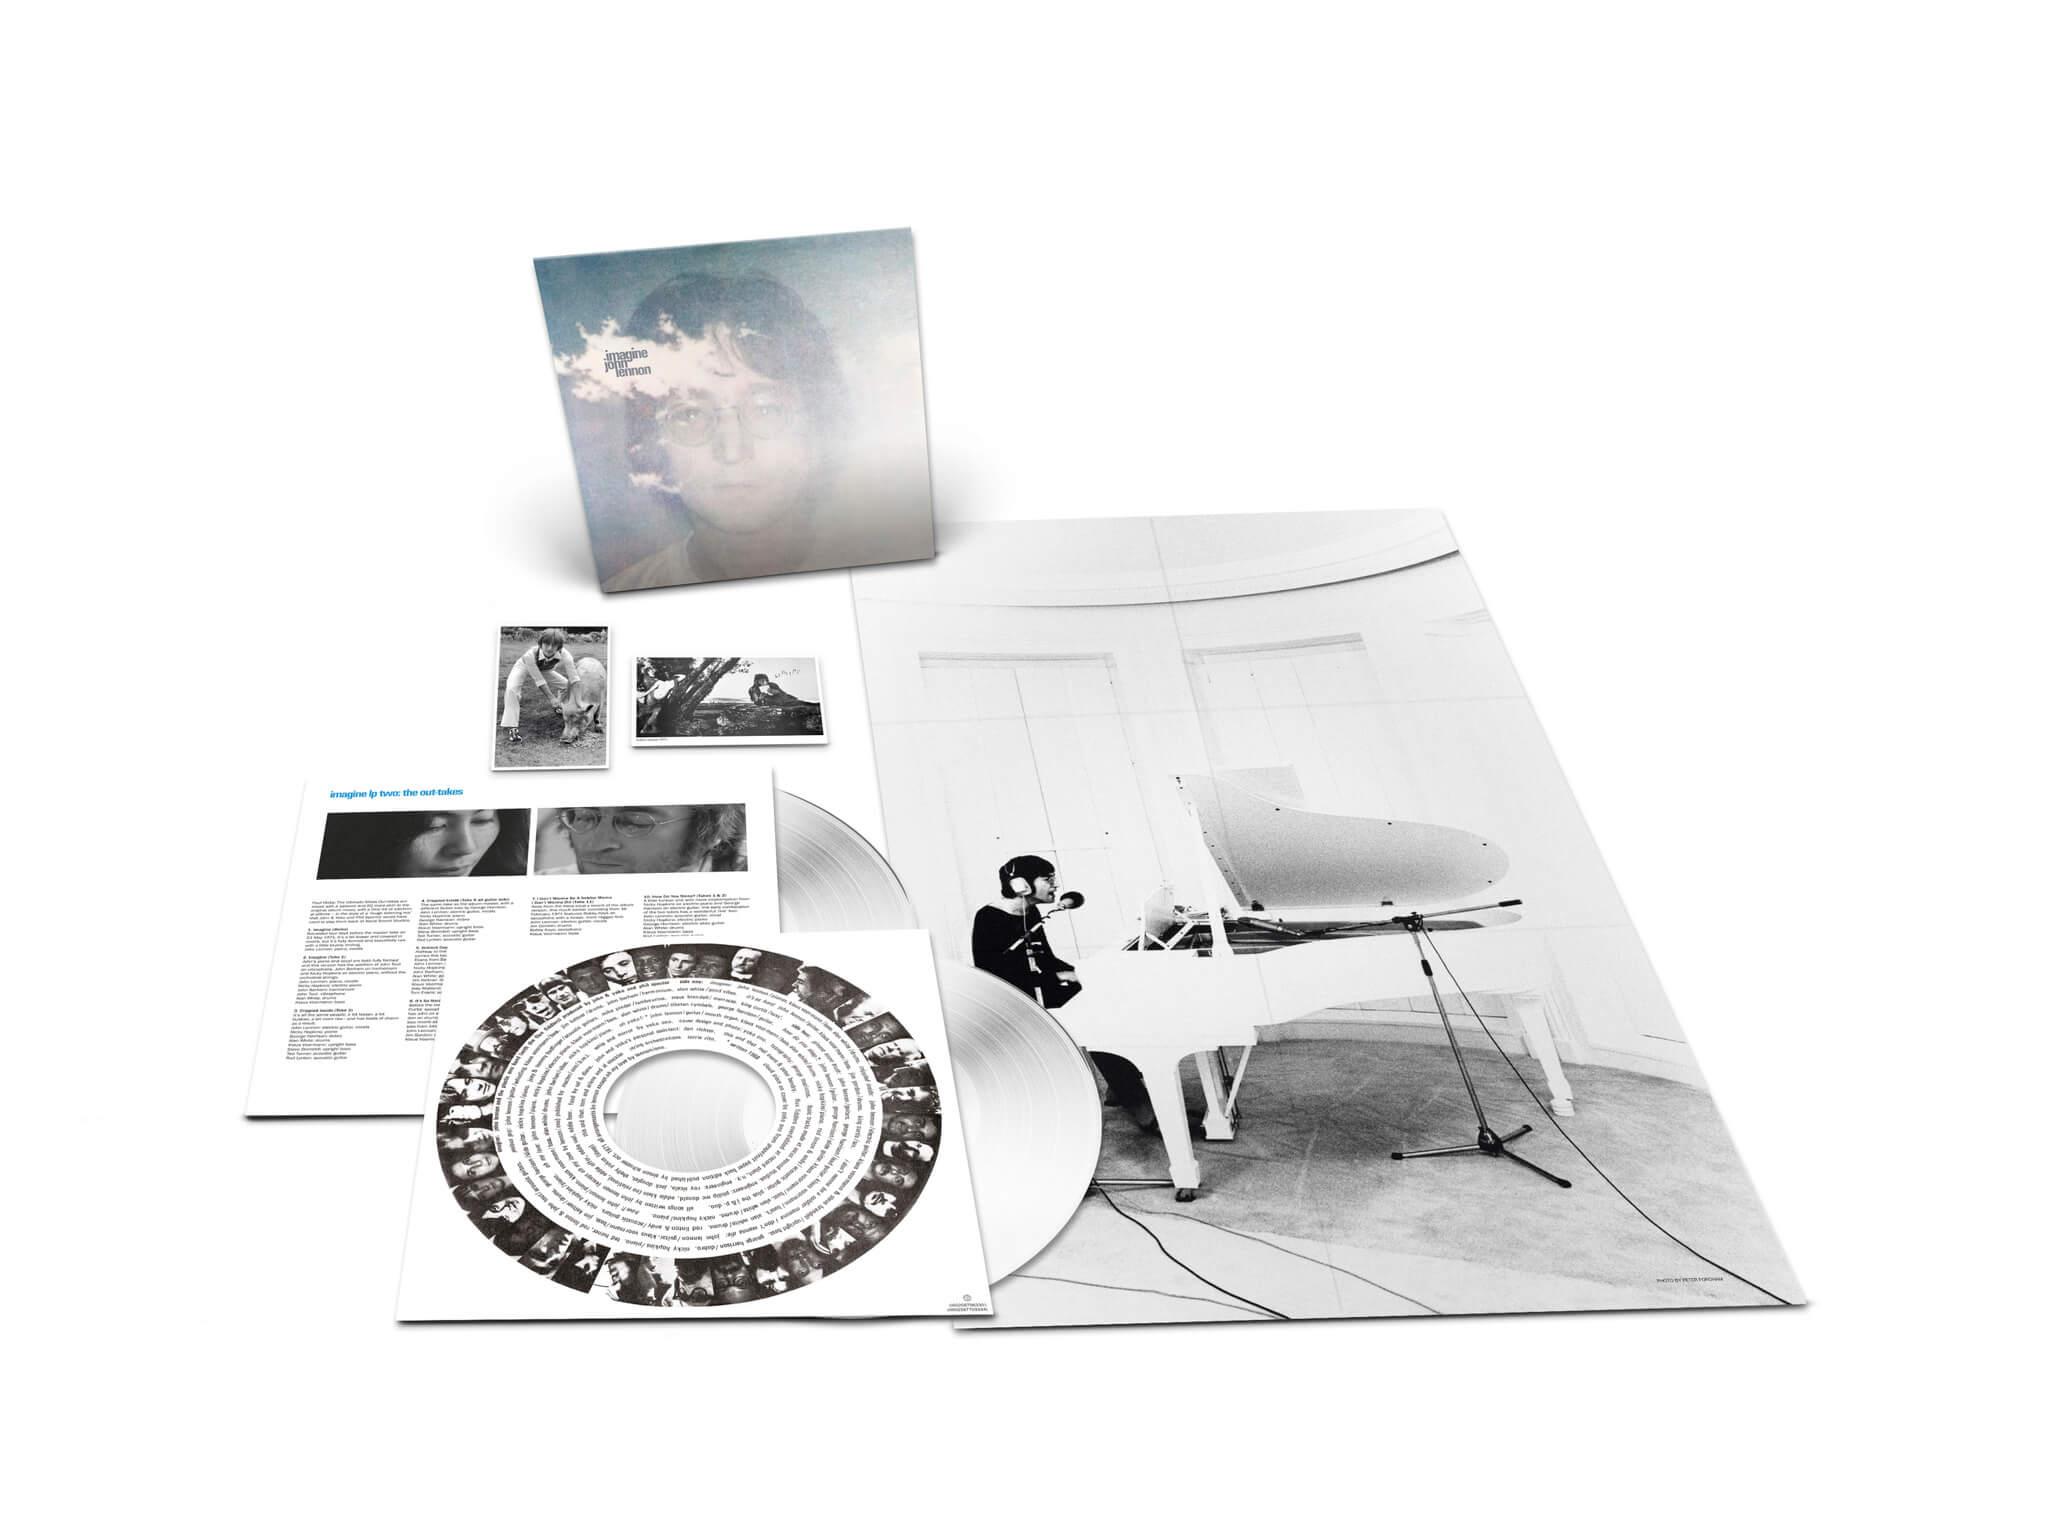 John Lennon『Imagine』2